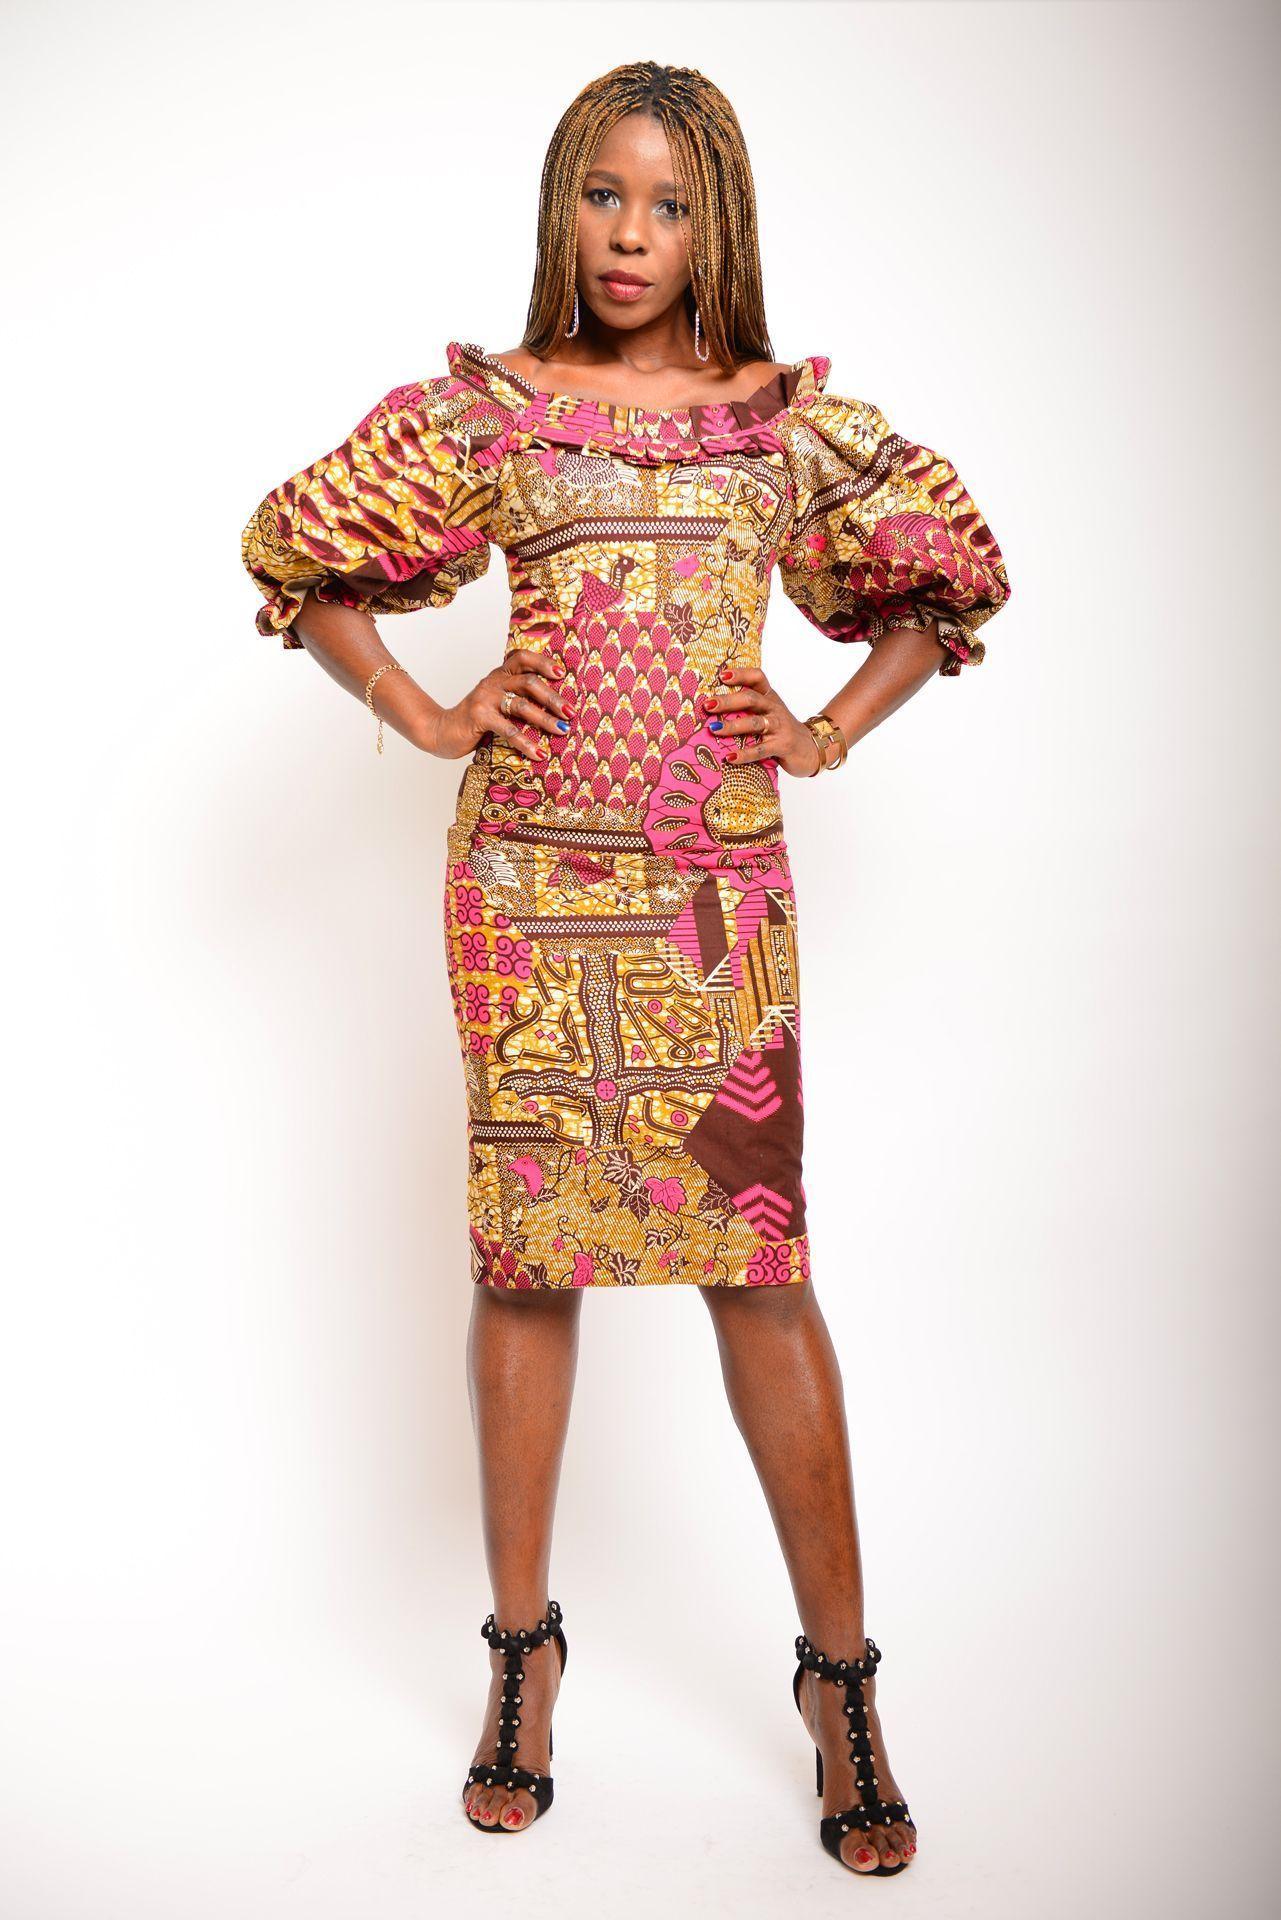 Afrikanisches Kleid Fibella #afrikanischeskleid Afrikanisches Kleid Fibella #afrikanischeskleid Afrikanisches Kleid Fibella #afrikanischeskleid Afrikanisches Kleid Fibella #nigerianischehochzeit Afrikanisches Kleid Fibella #afrikanischeskleid Afrikanisches Kleid Fibella #afrikanischeskleid Afrikanisches Kleid Fibella #afrikanischeskleid Afrikanisches Kleid Fibella #afrikanischeskleid